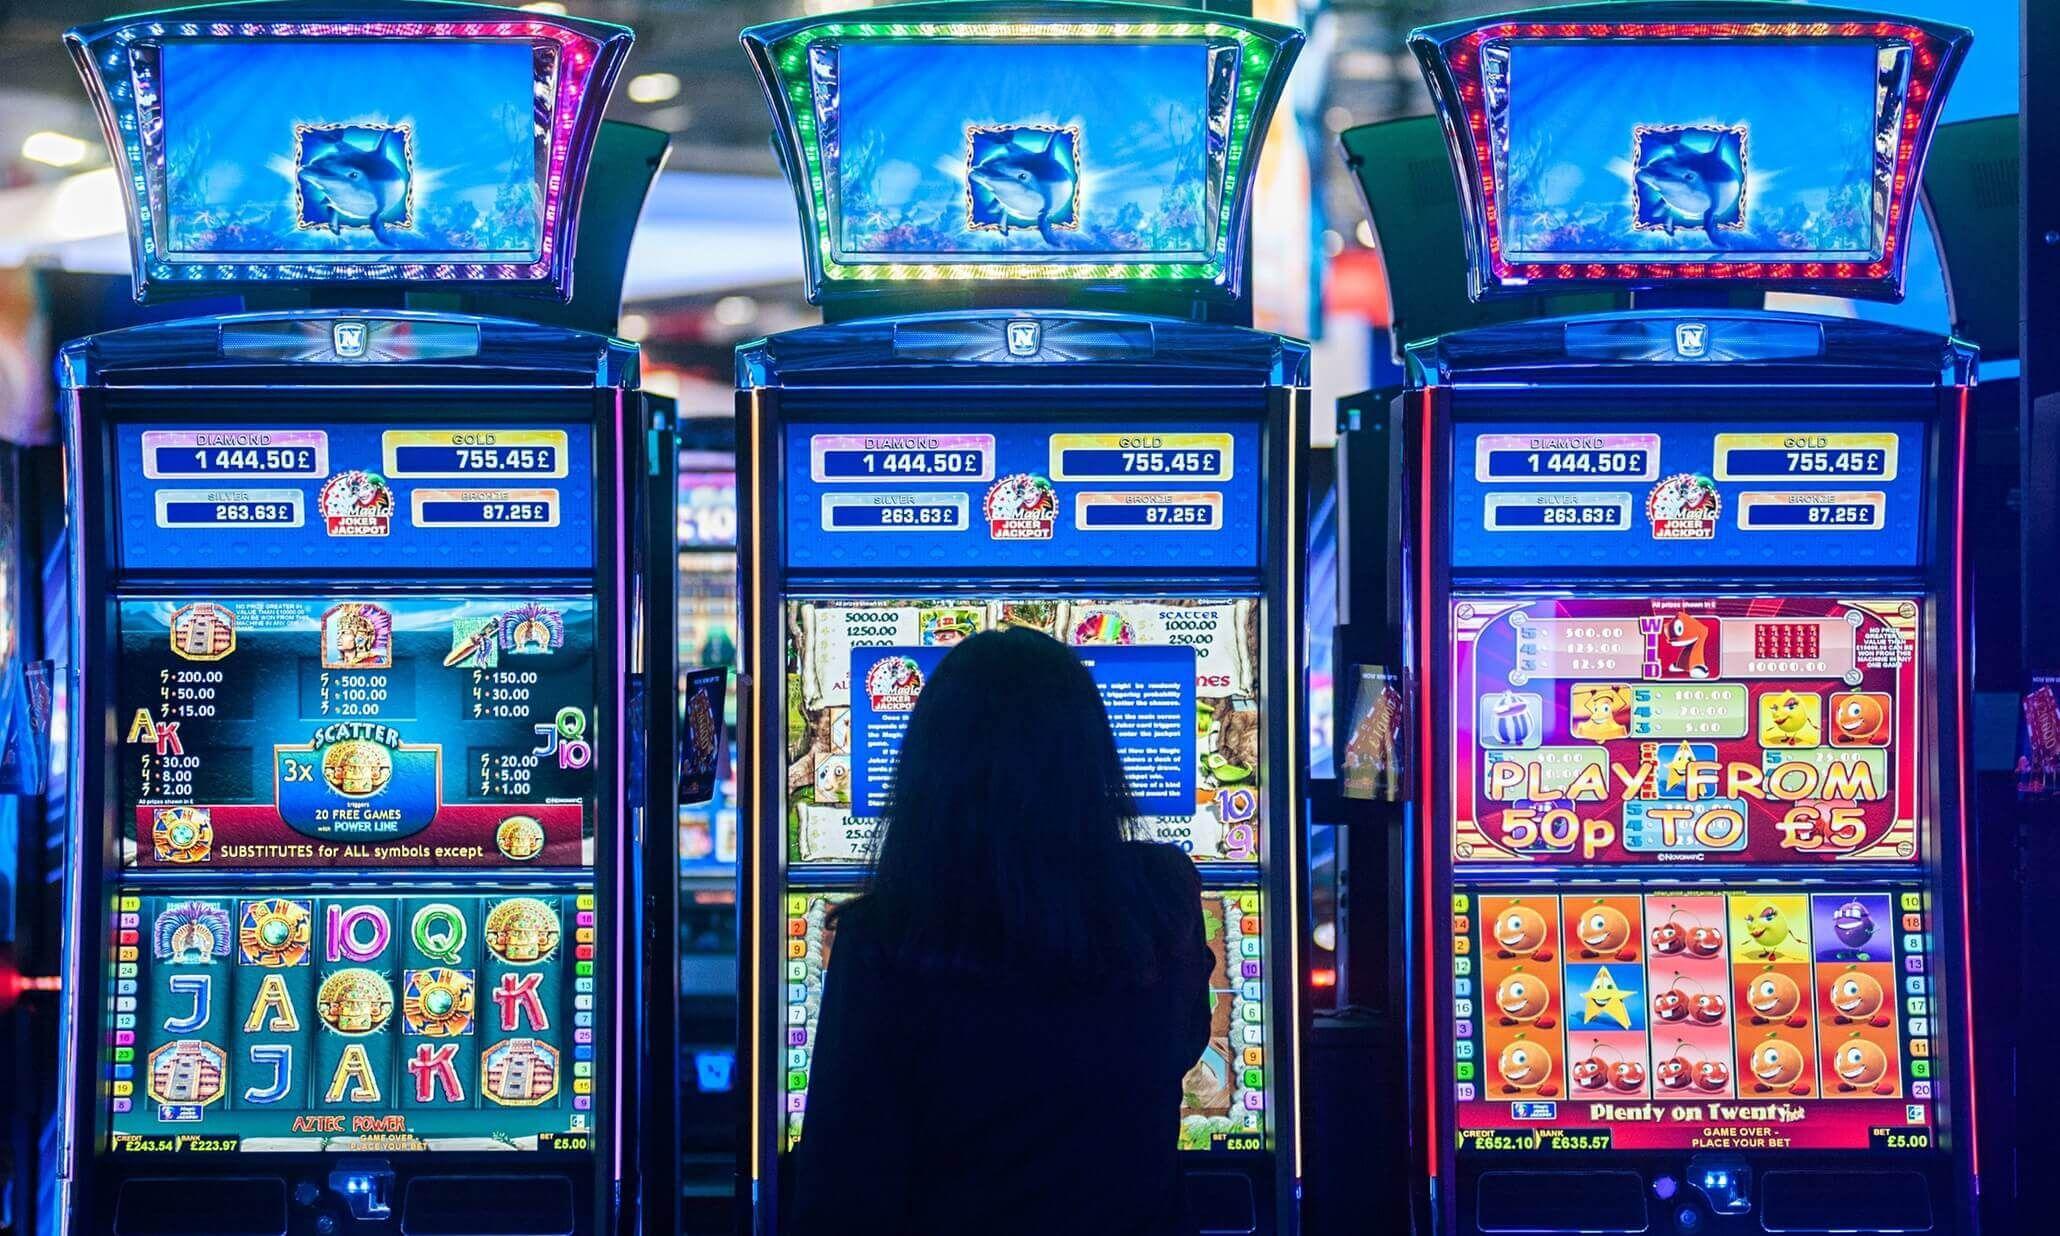 Можно ли выиграть в онлайн покер отзывы дилерон и миникотик играют в майнкрафт на картах